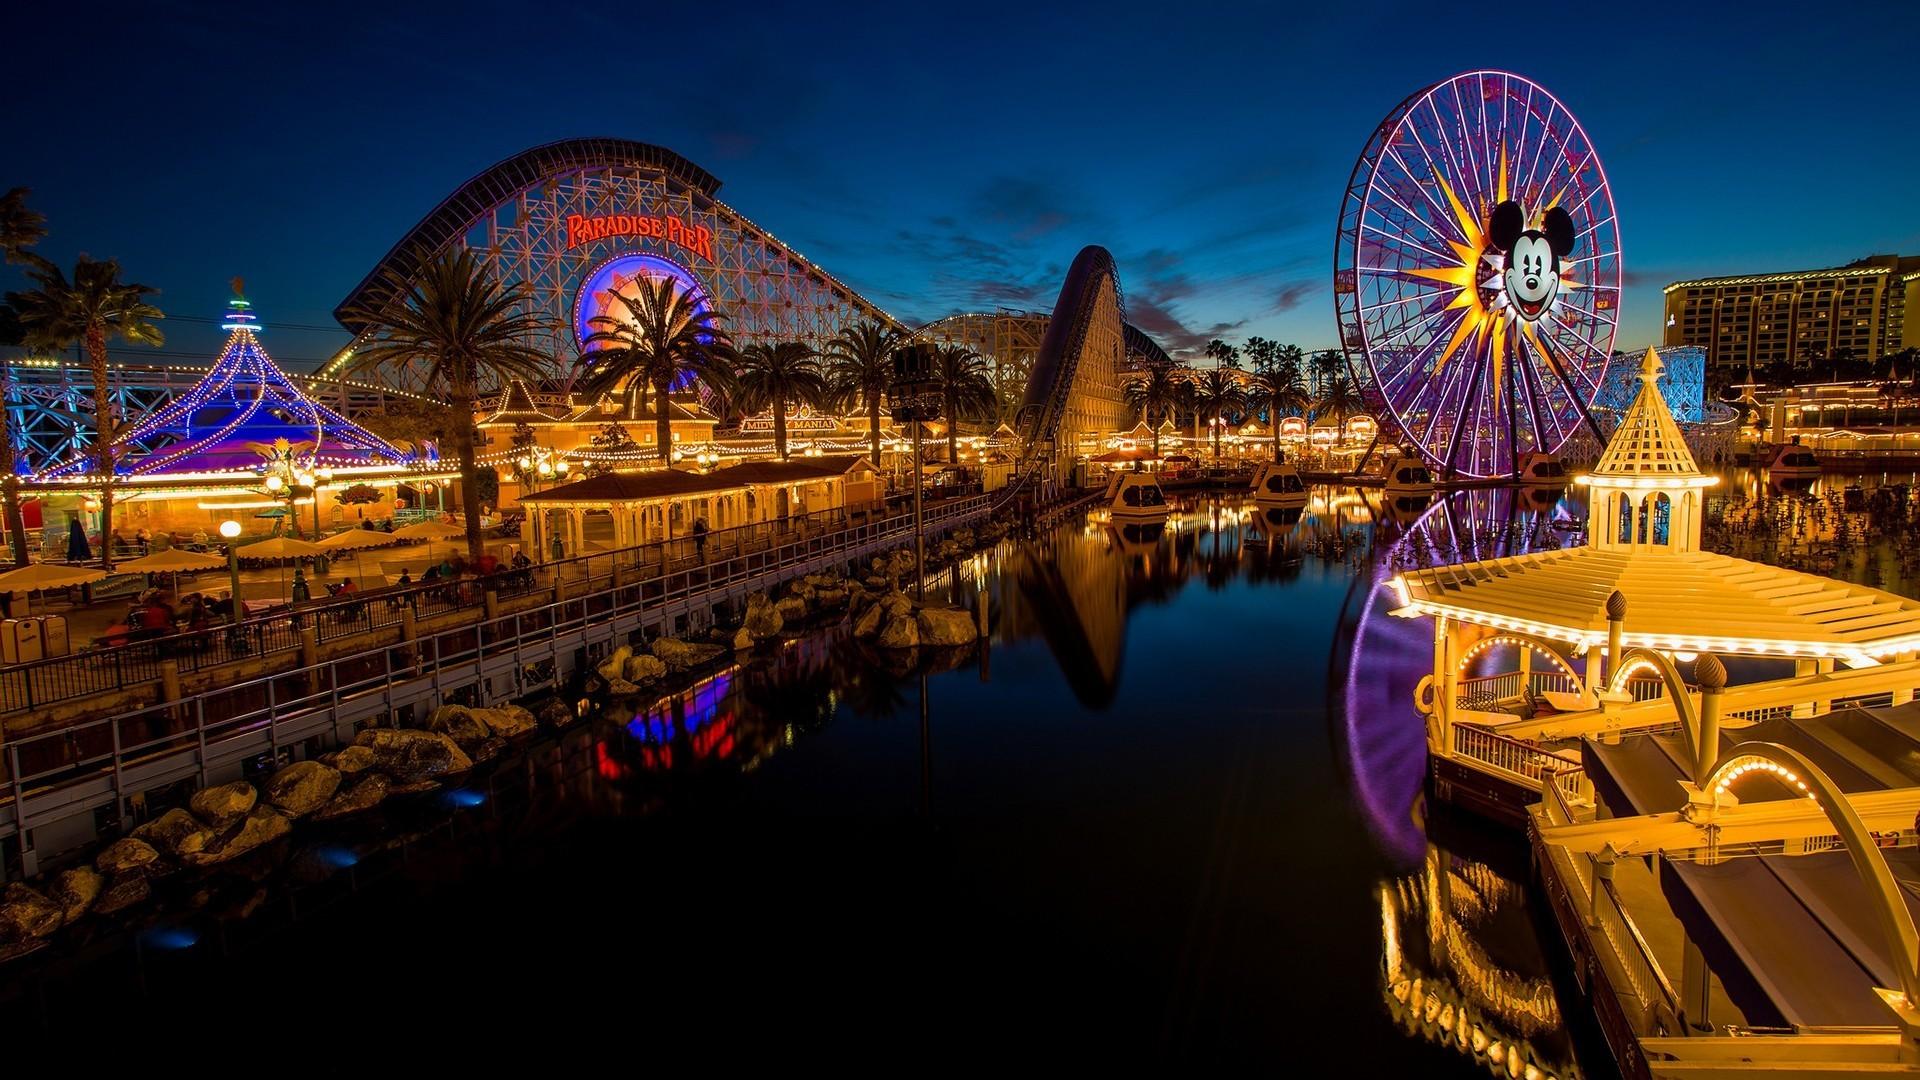 Disneyland Wallpaper Desktop (66+ images)